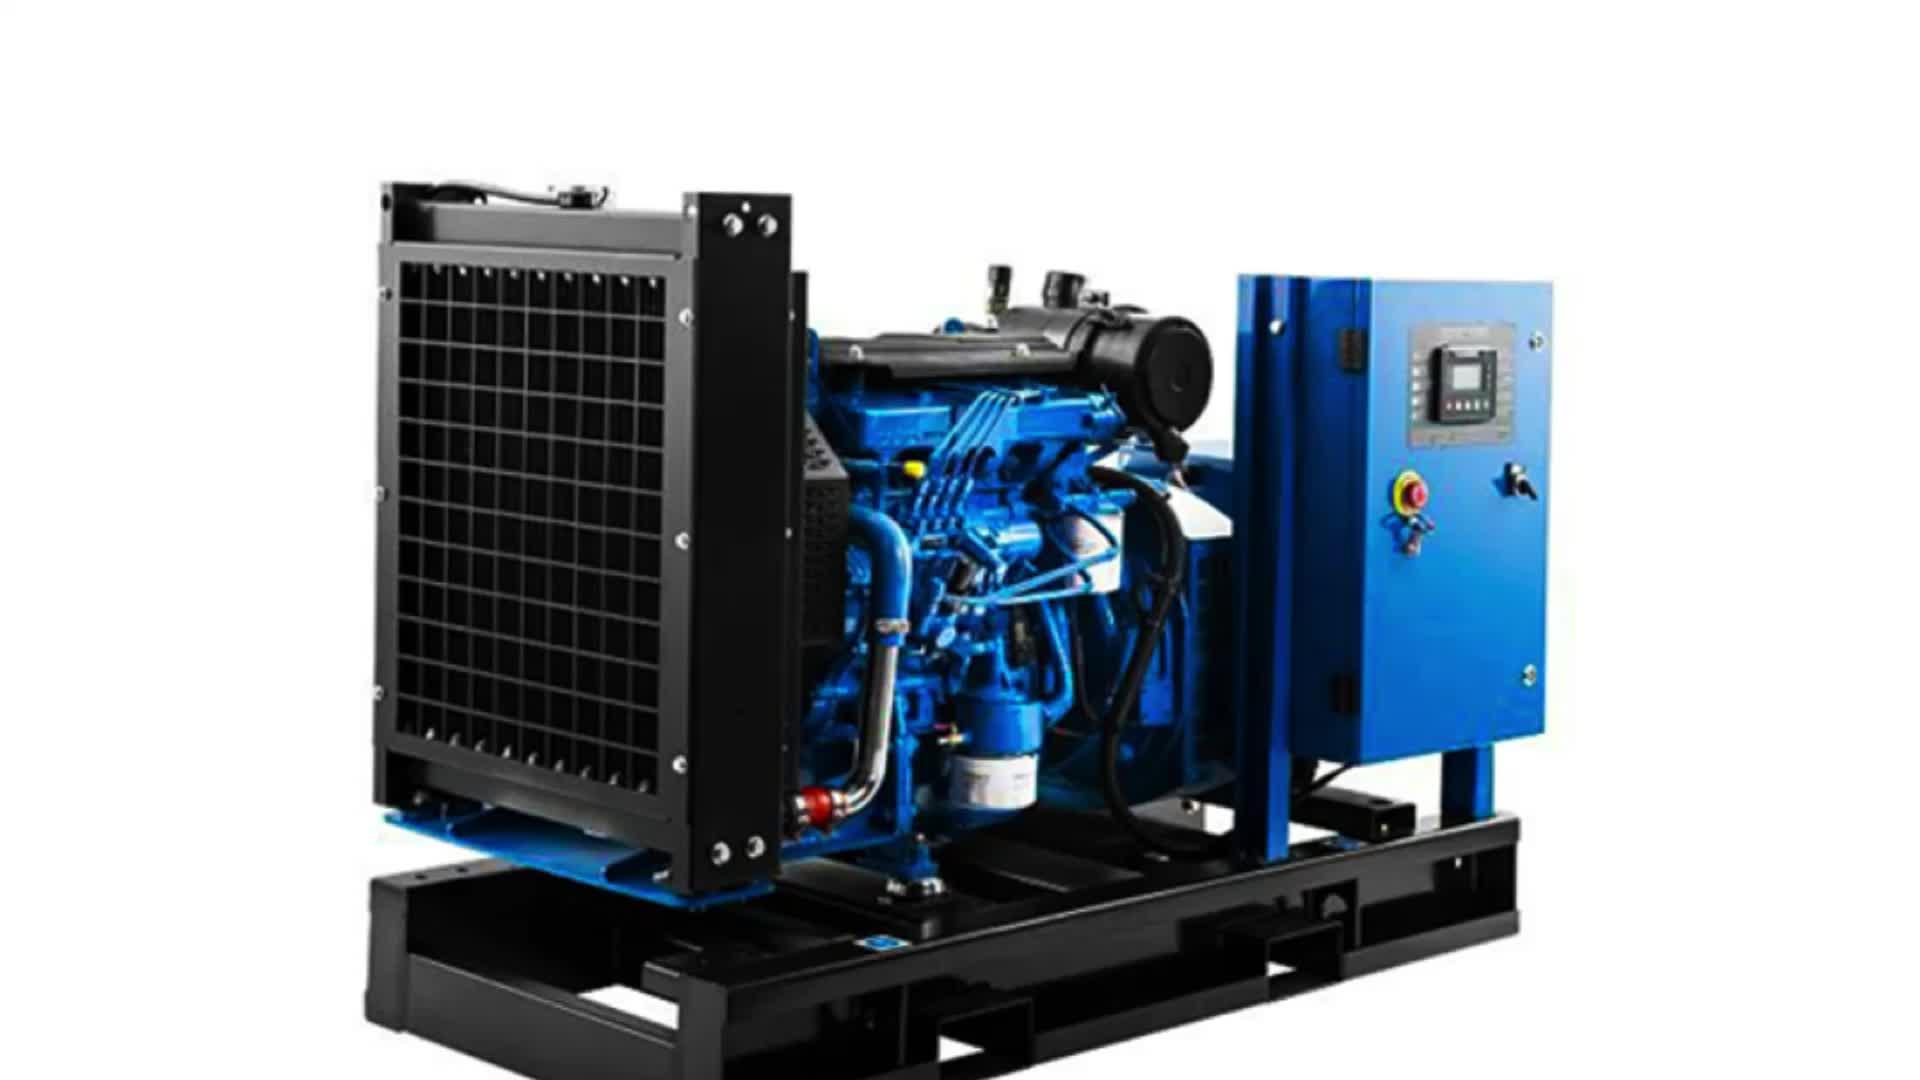 Biasino 75kw 93.75kva Generatore Diesel Set con Motore Weichai